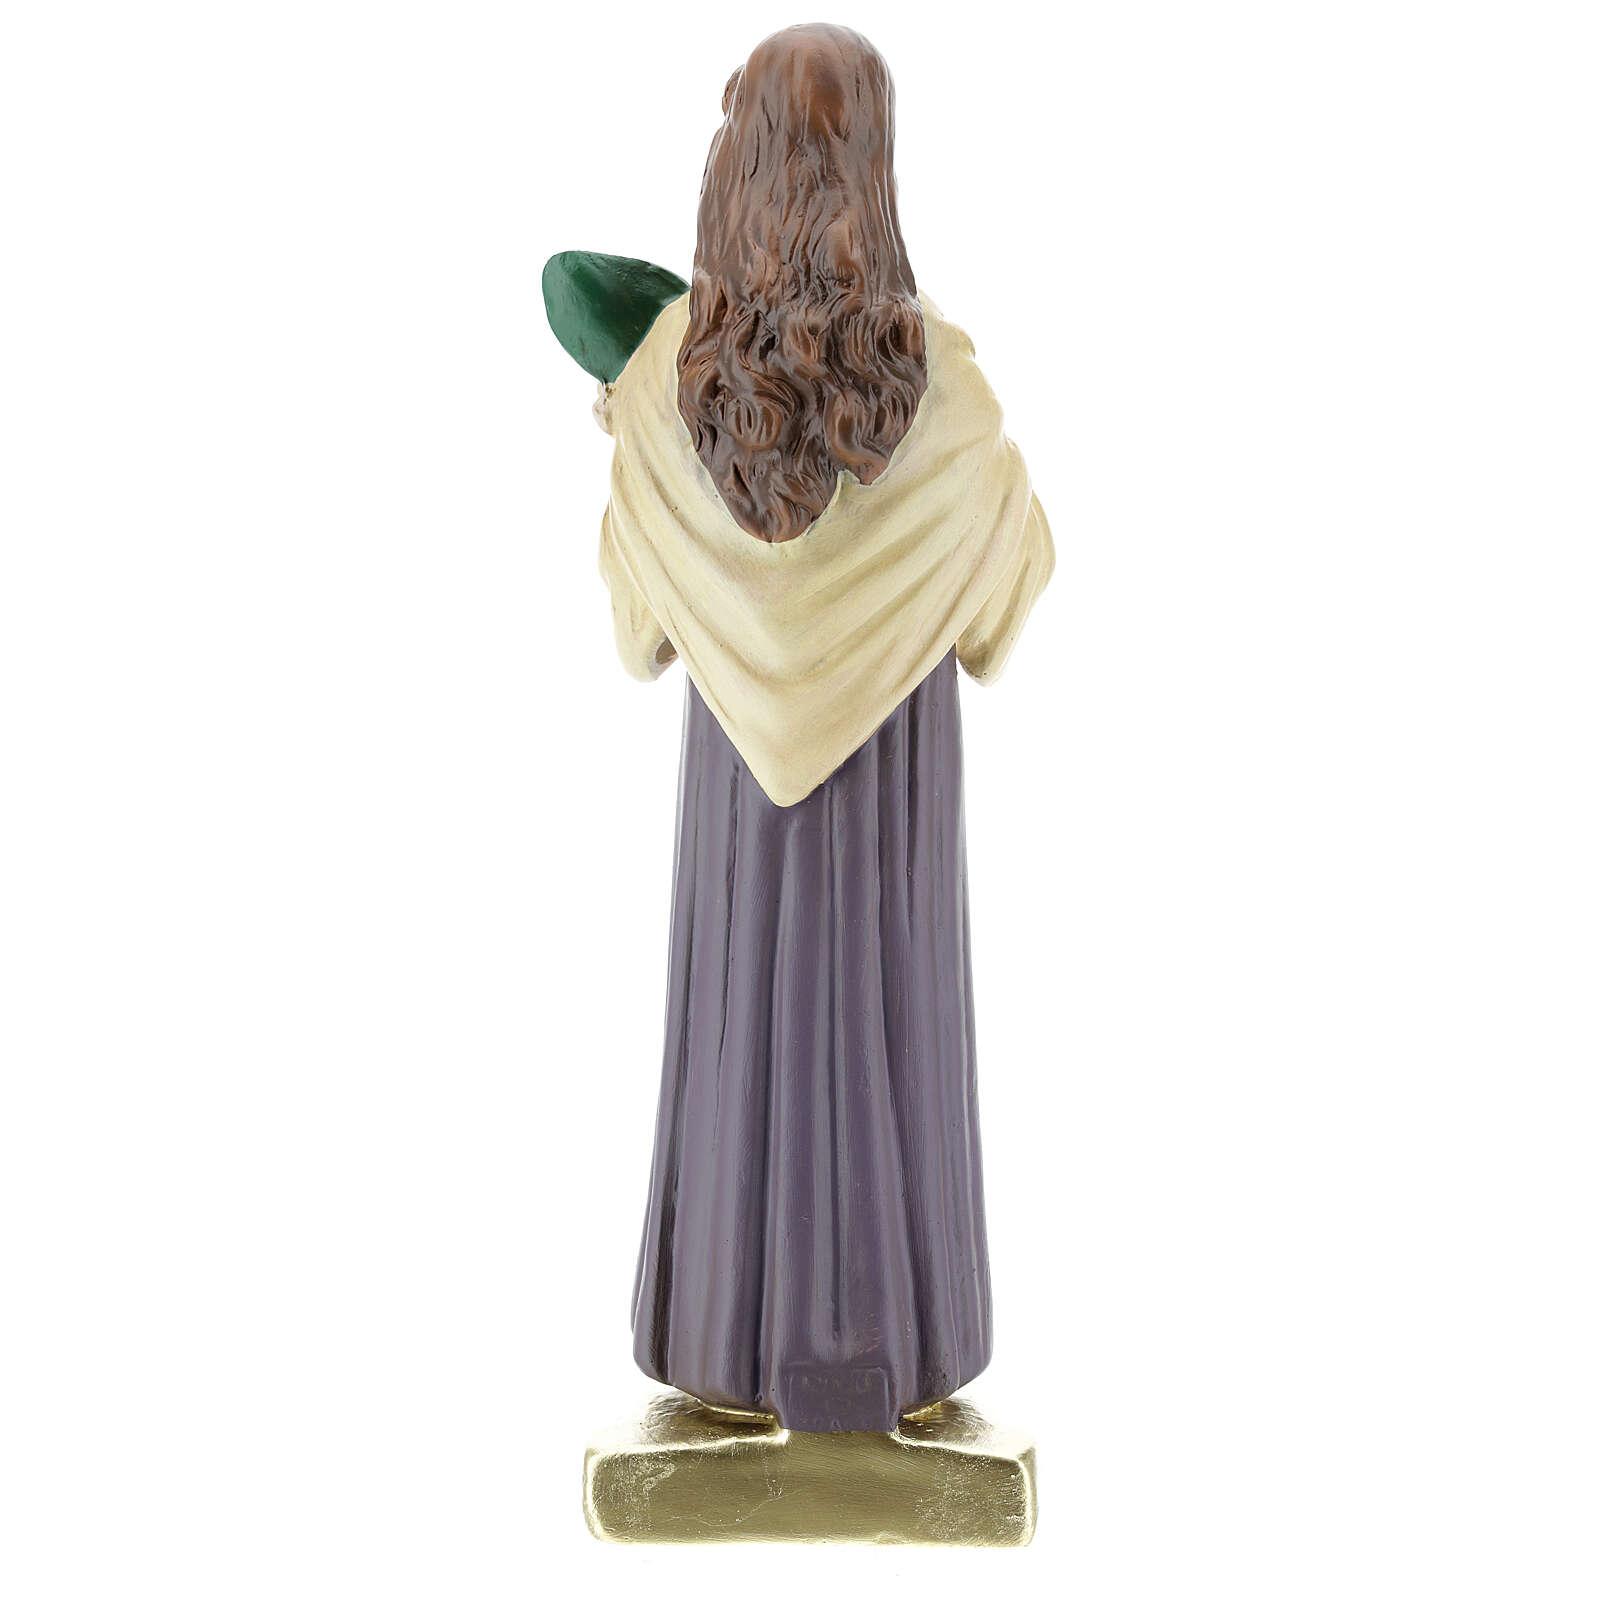 Santa Maria Goretti statua gesso 30 cm Arte Barsanti 4